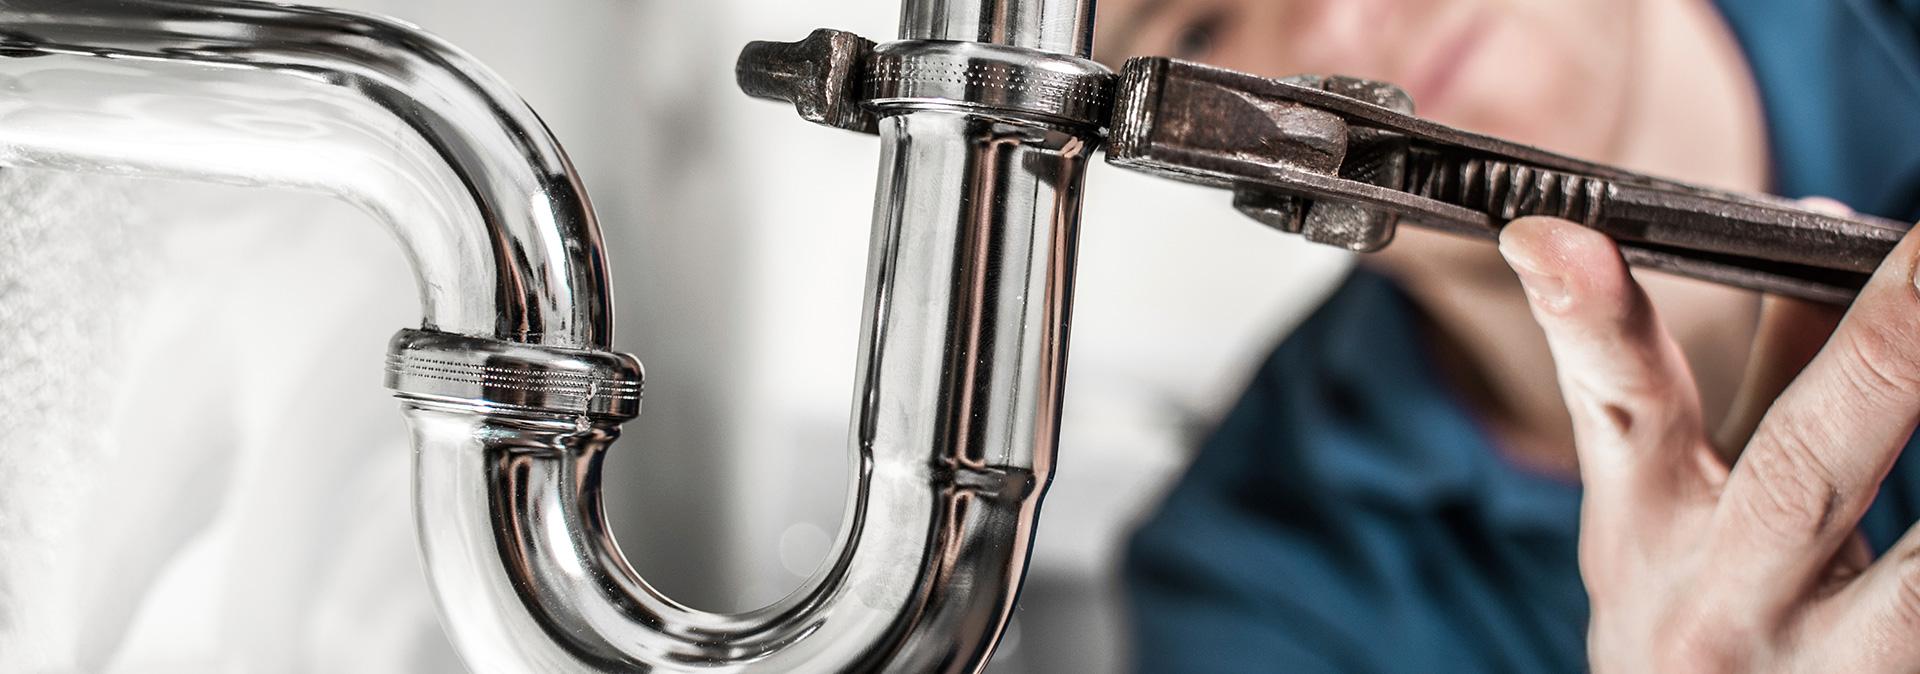 negozio arredo bagno e forniture idrauliche ravenna - Arredo Bagno Ravenna